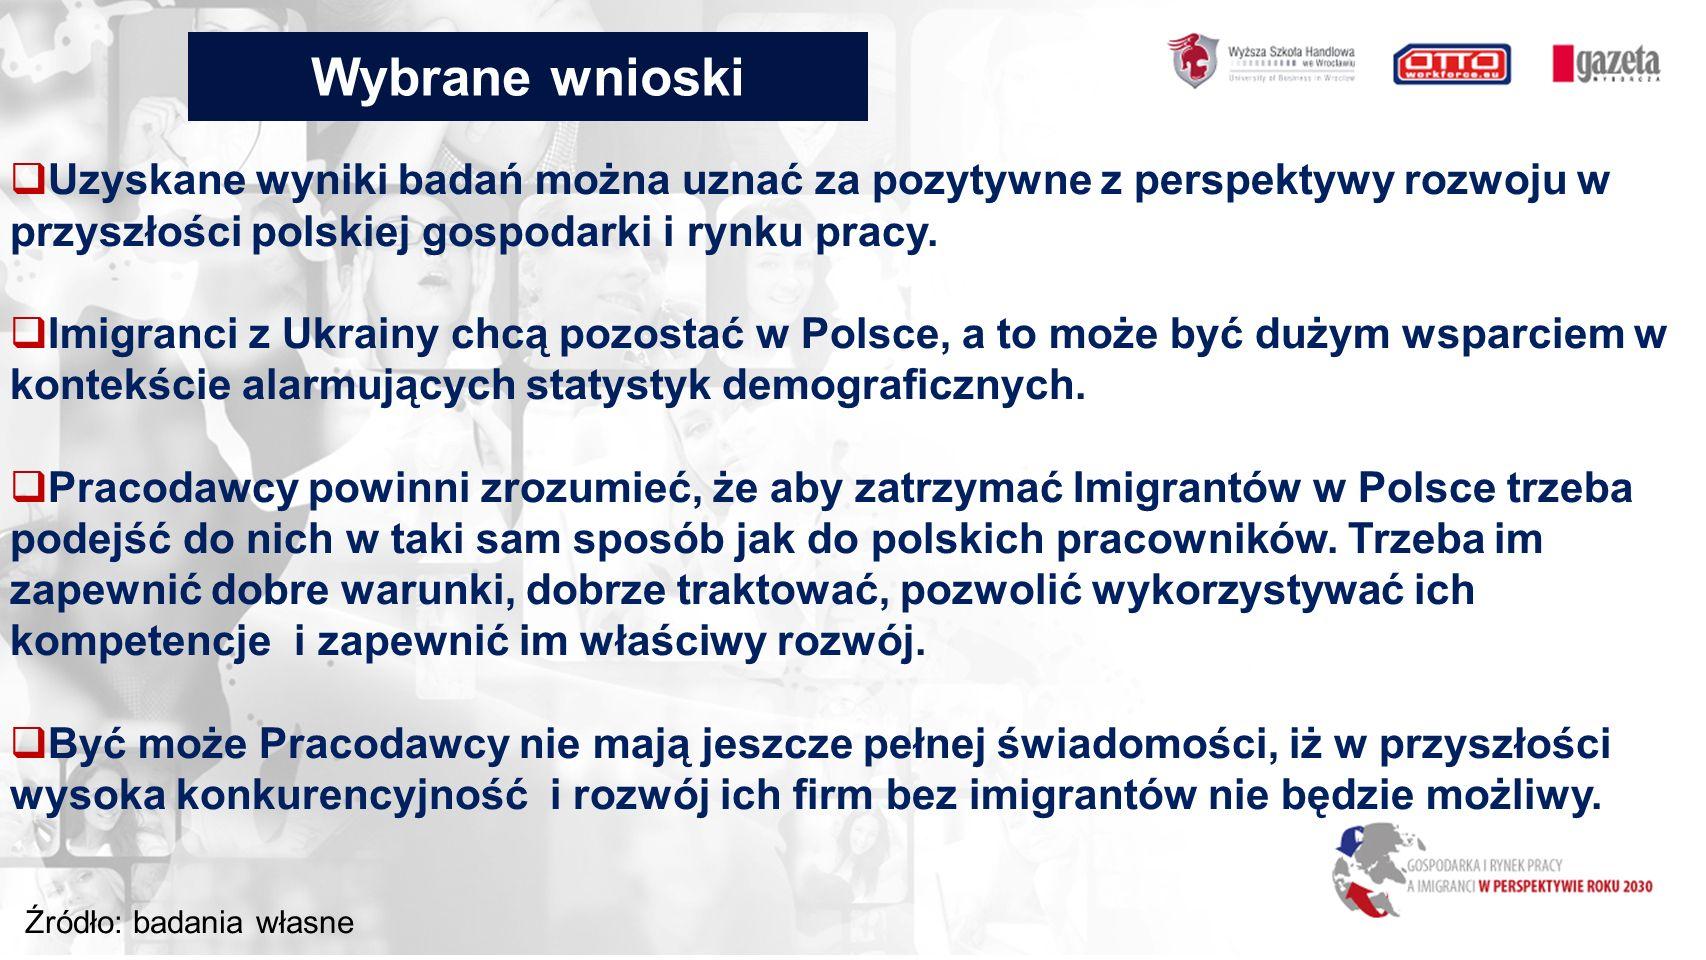 Wybrane wnioski Źródło: badania własne  Uzyskane wyniki badań można uznać za pozytywne z perspektywy rozwoju w przyszłości polskiej gospodarki i rynku pracy.